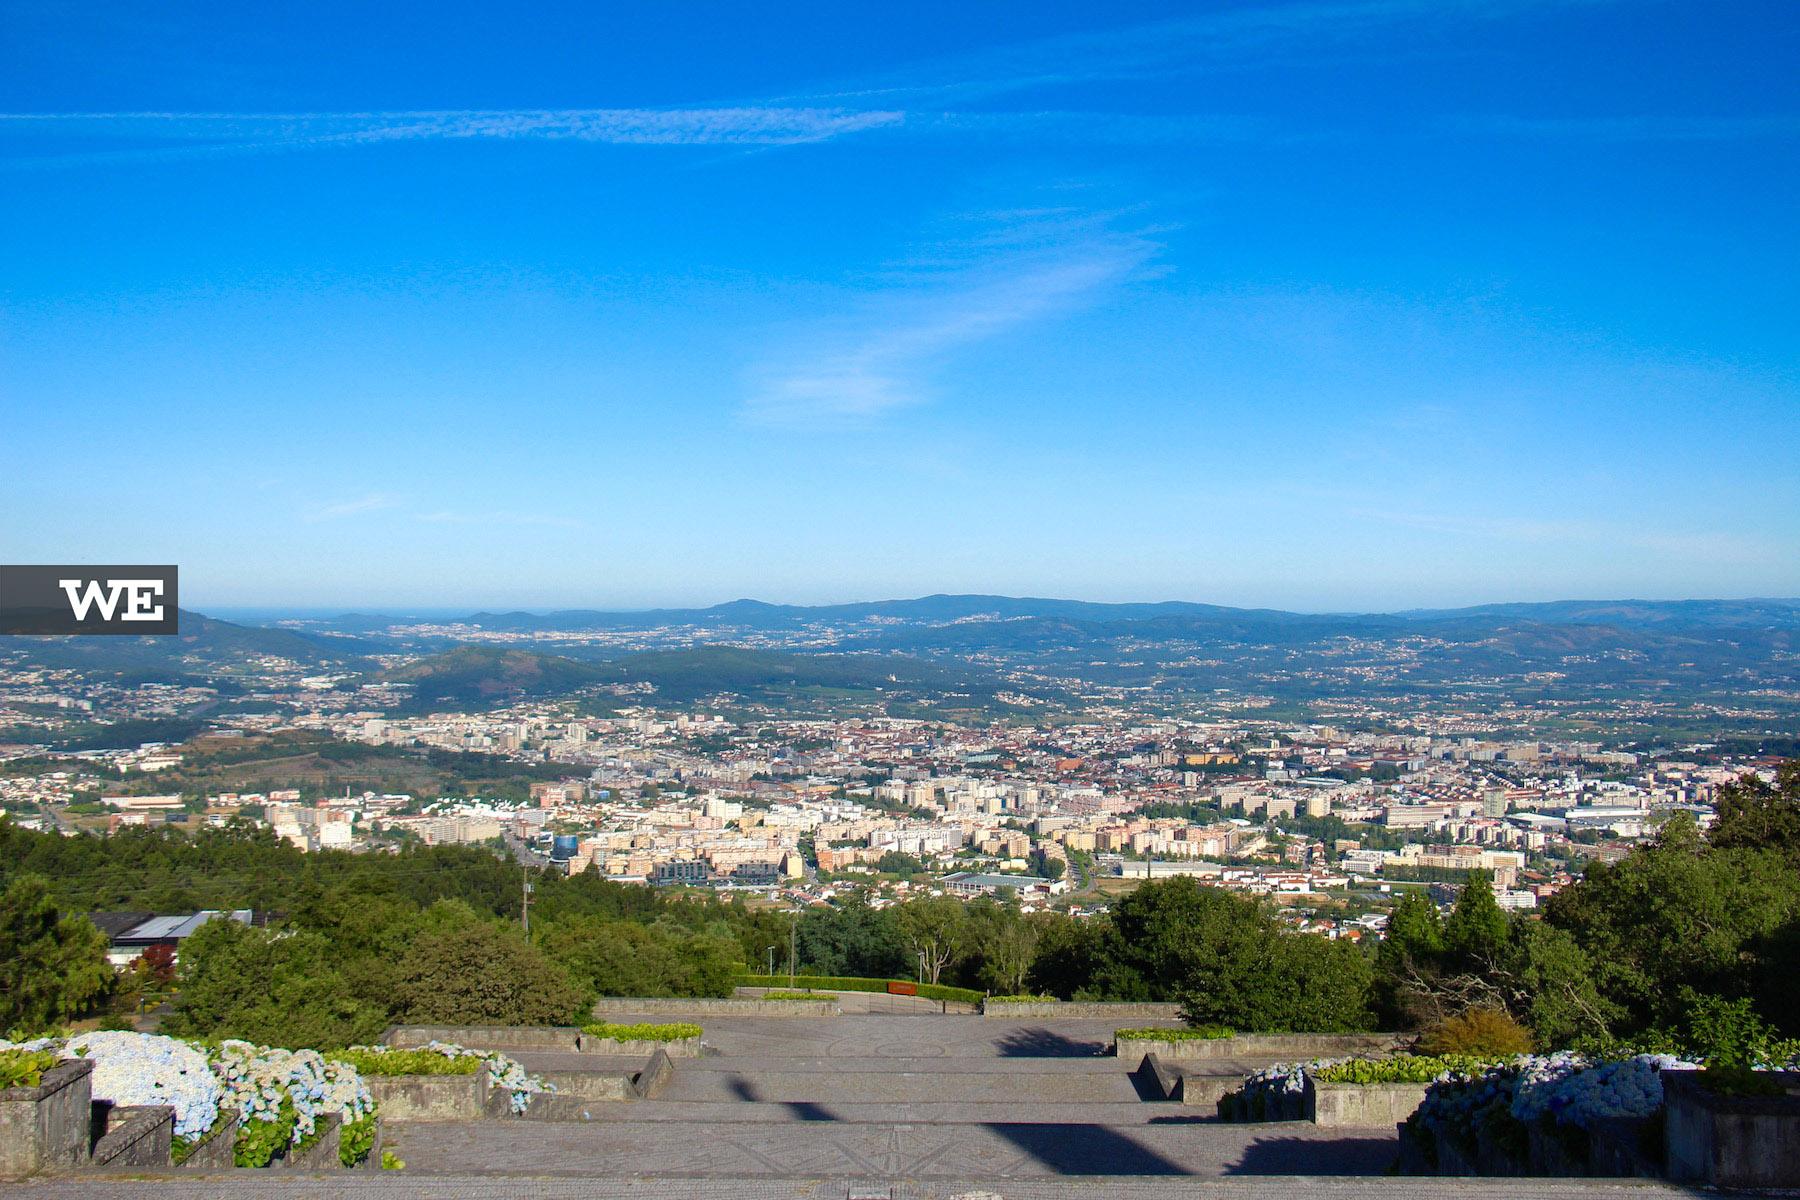 Vista panorâmica a partir do santuário do Sameiro. Em dias de céu limpo, é possível ver o mar!